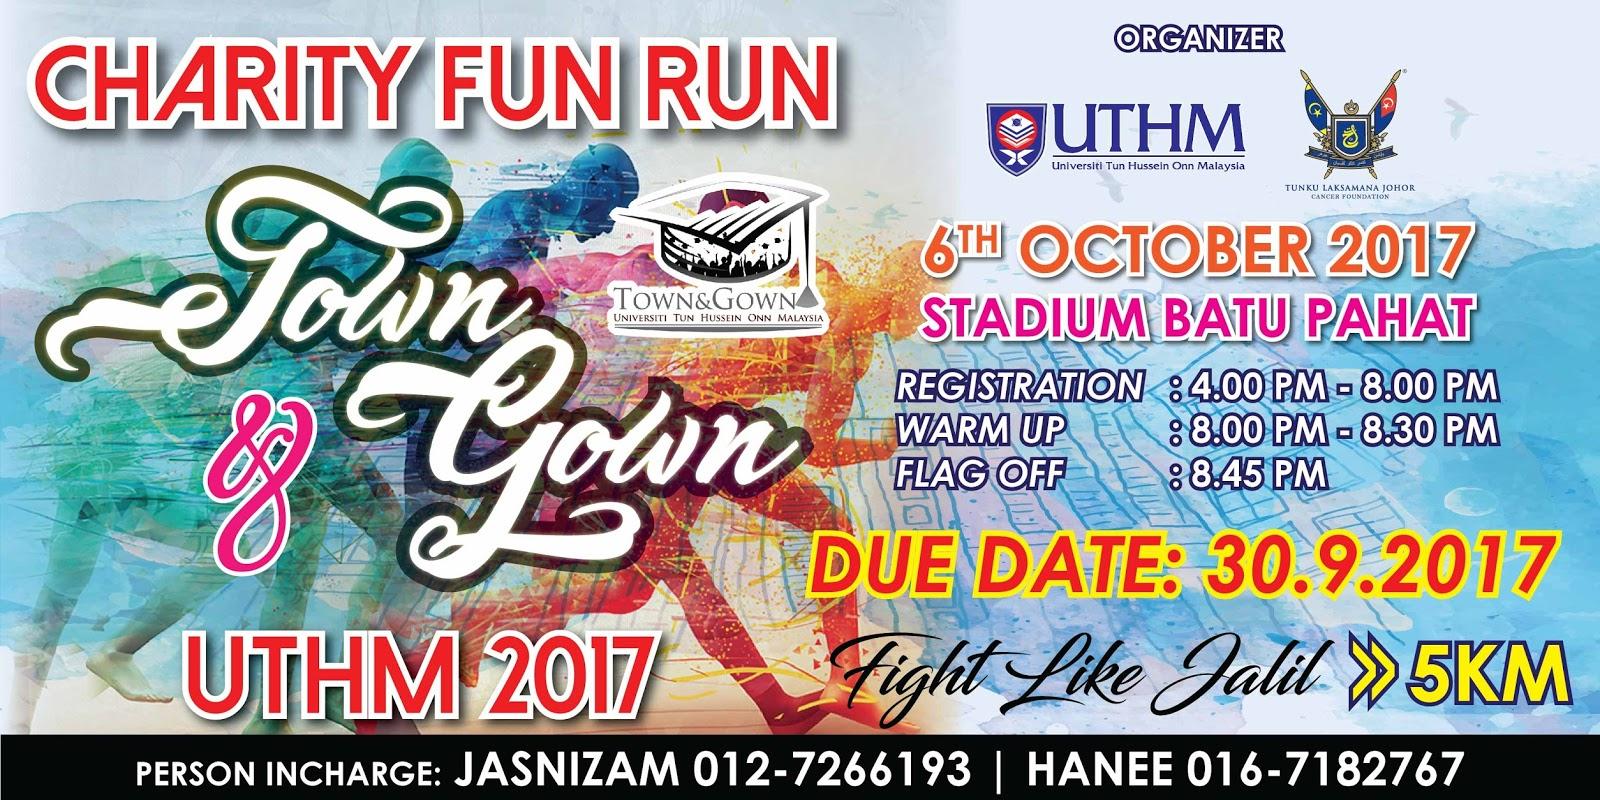 RUNNERIFIC: Charity Fun Run Town & Gown UTHM 2017